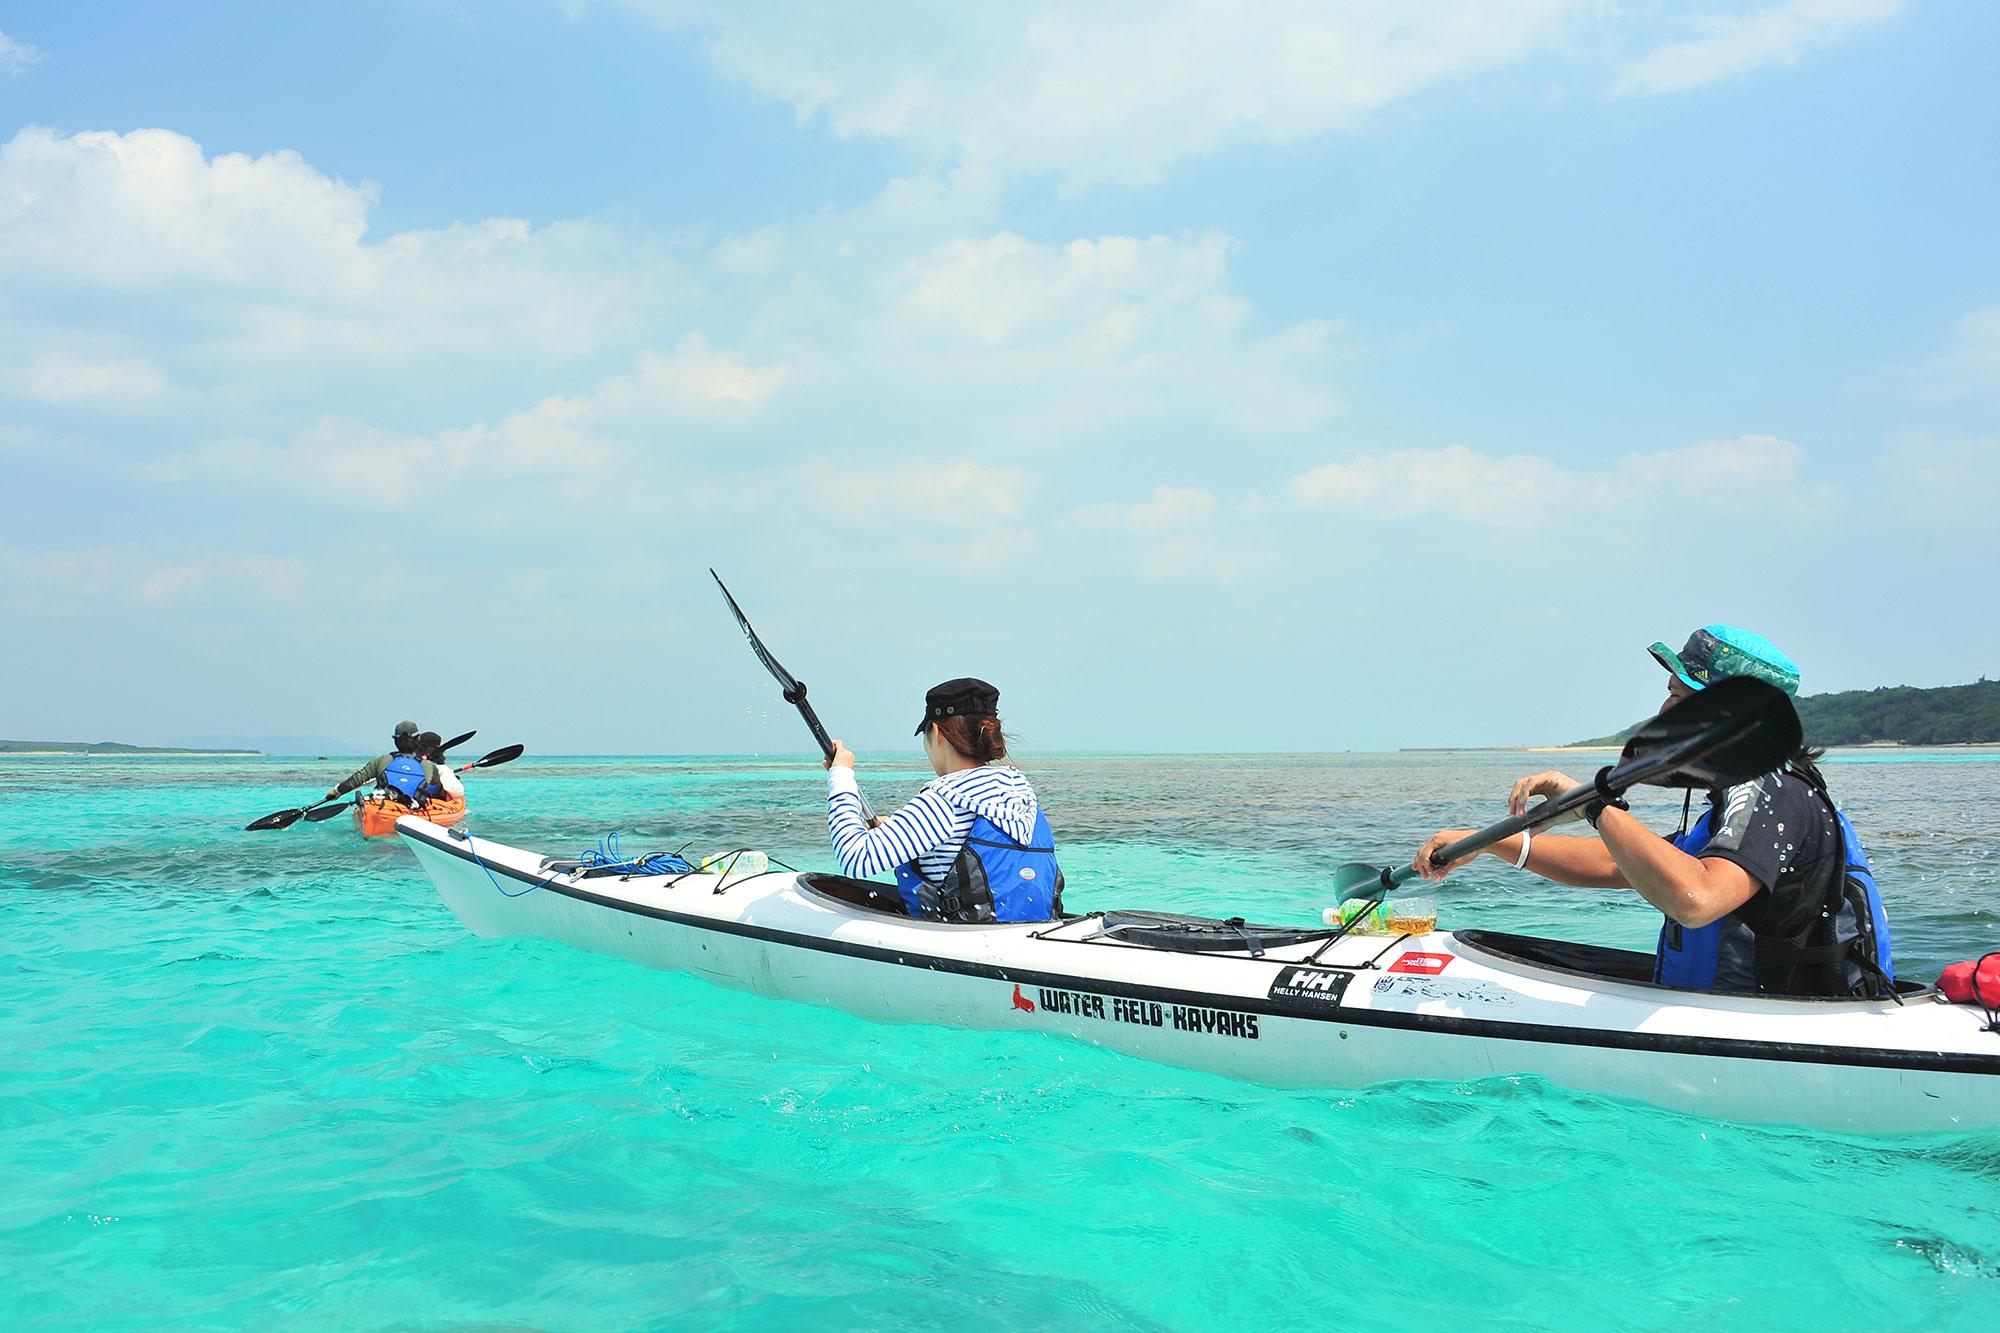 美ら海、美ら島を巡る旅